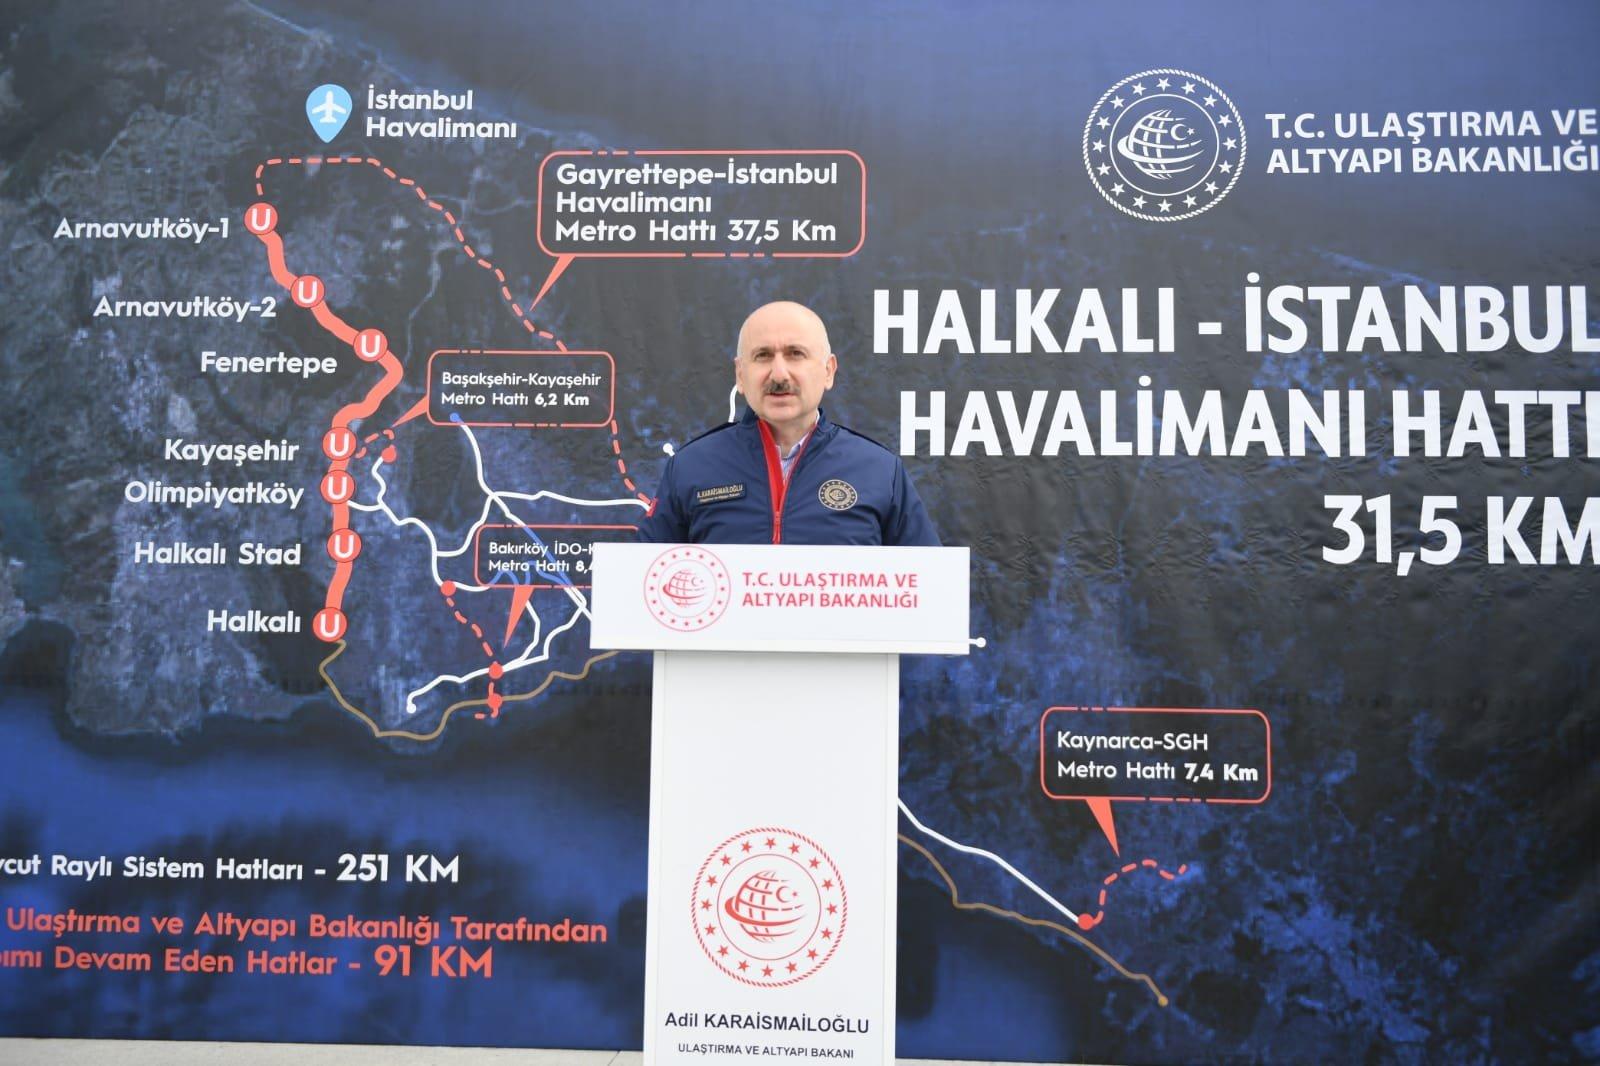 (video)İstanbul Havalimanı metrosu için geri sayım başladı!